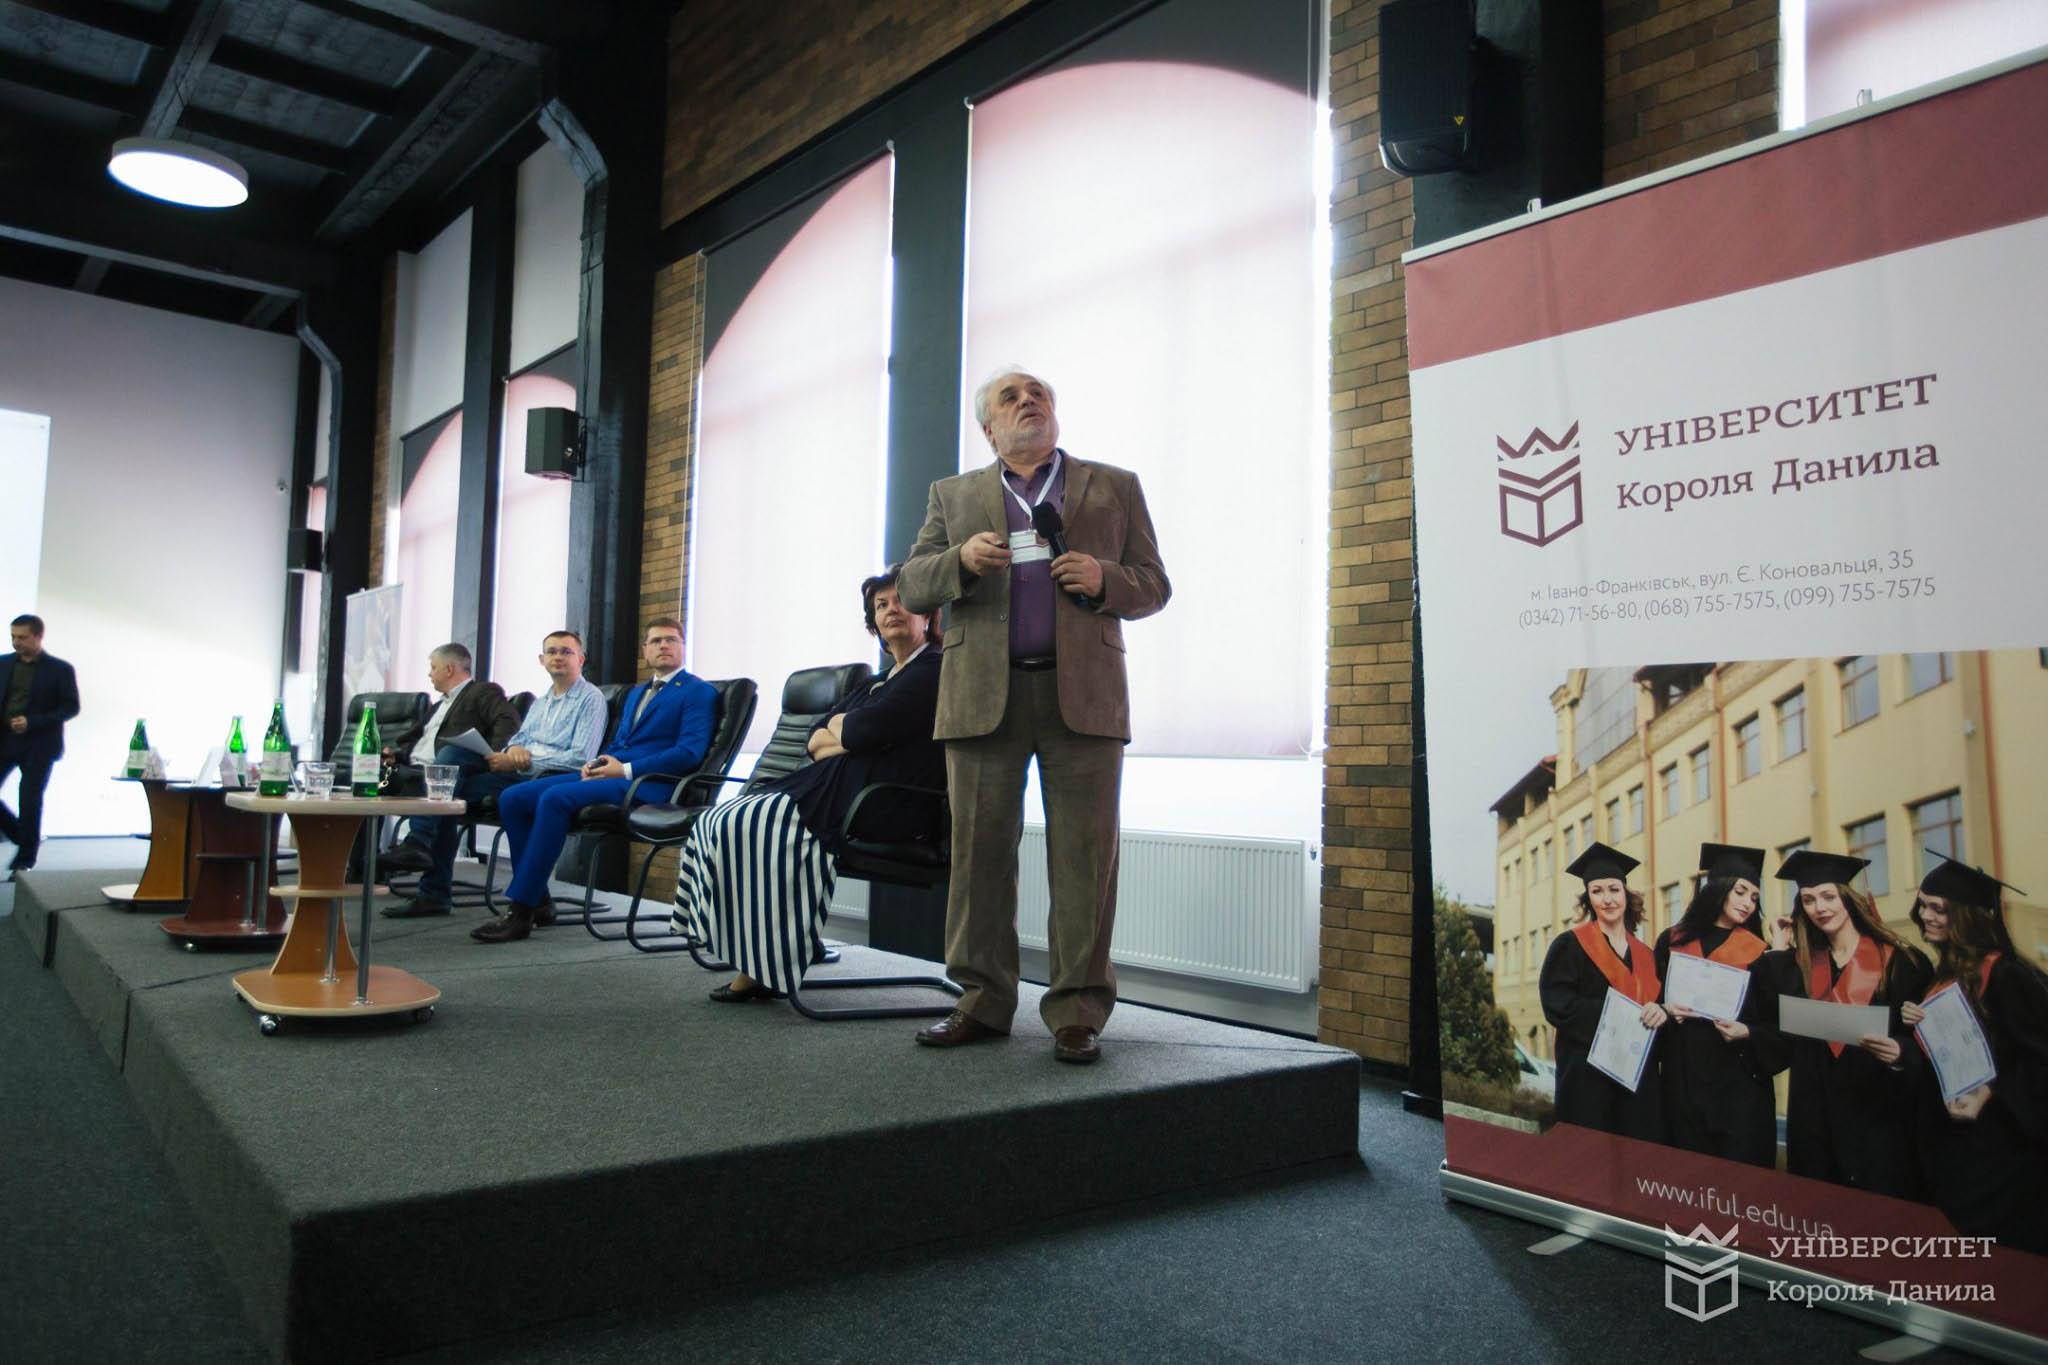 В Івано-Франківську радилися, як зробити гармонійним розвиток міст України (ФОТО)